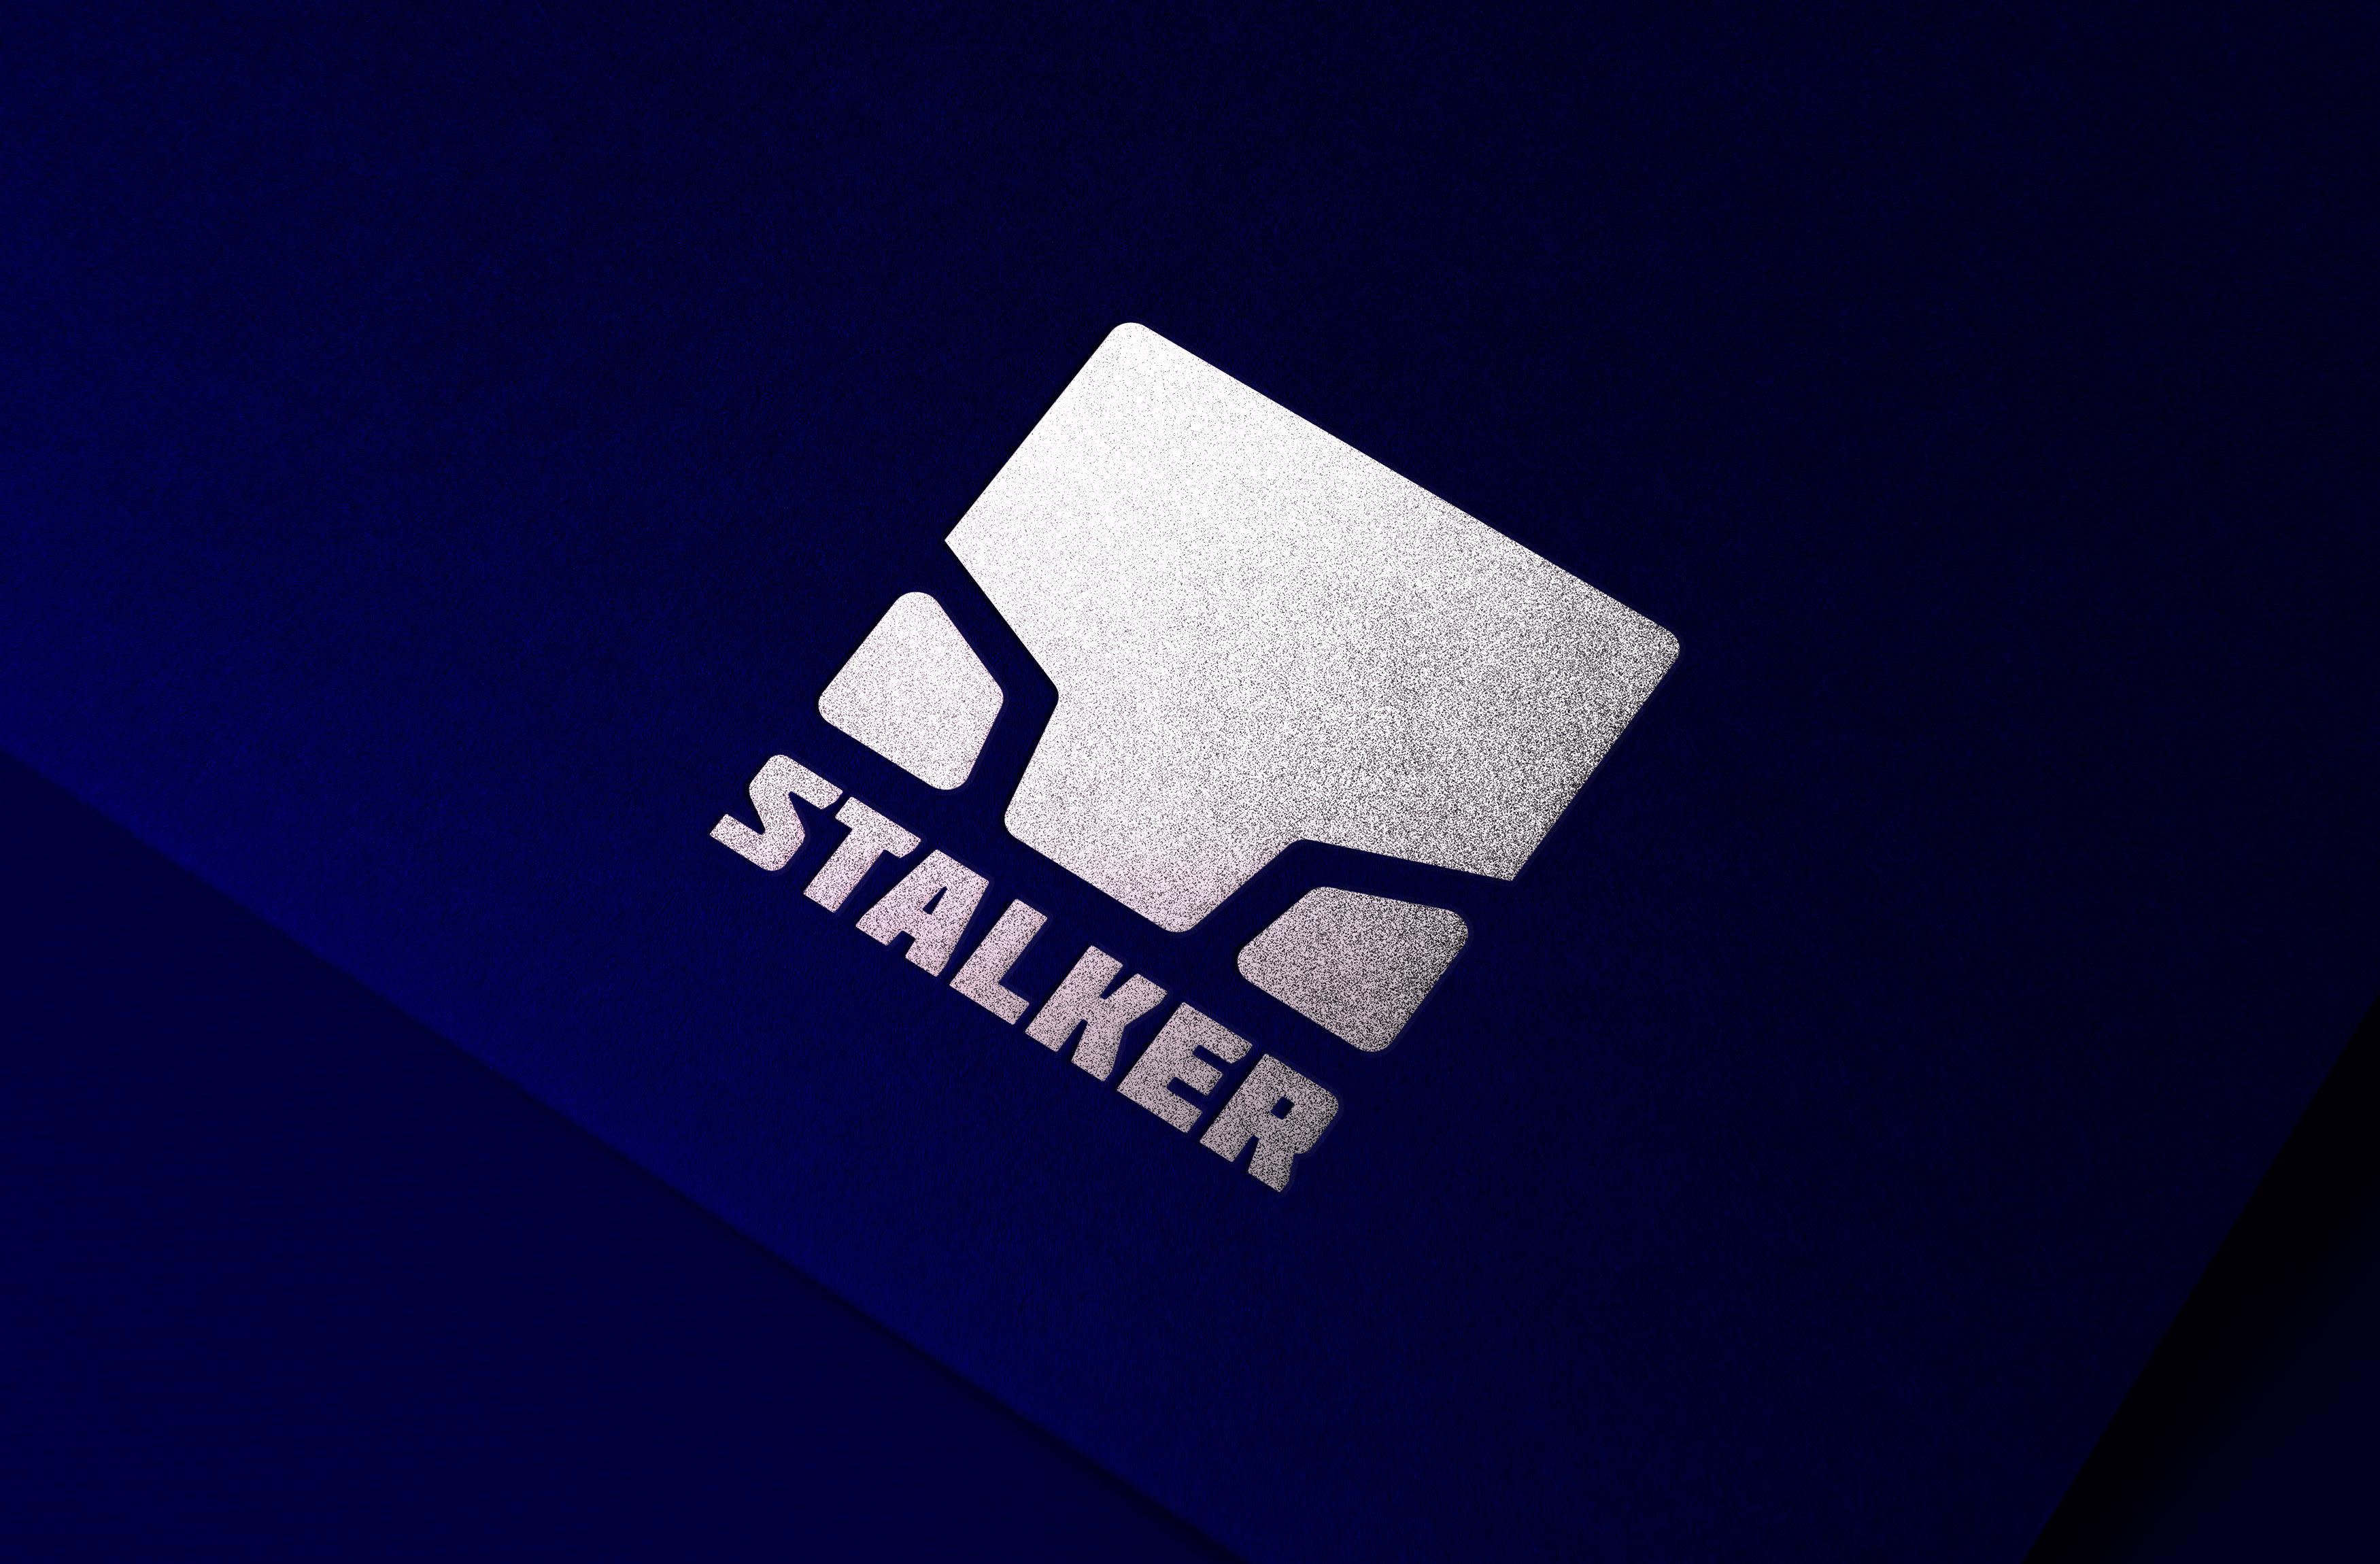 Разработать логотип для вездехода фото f_3155f878881d66de.jpg